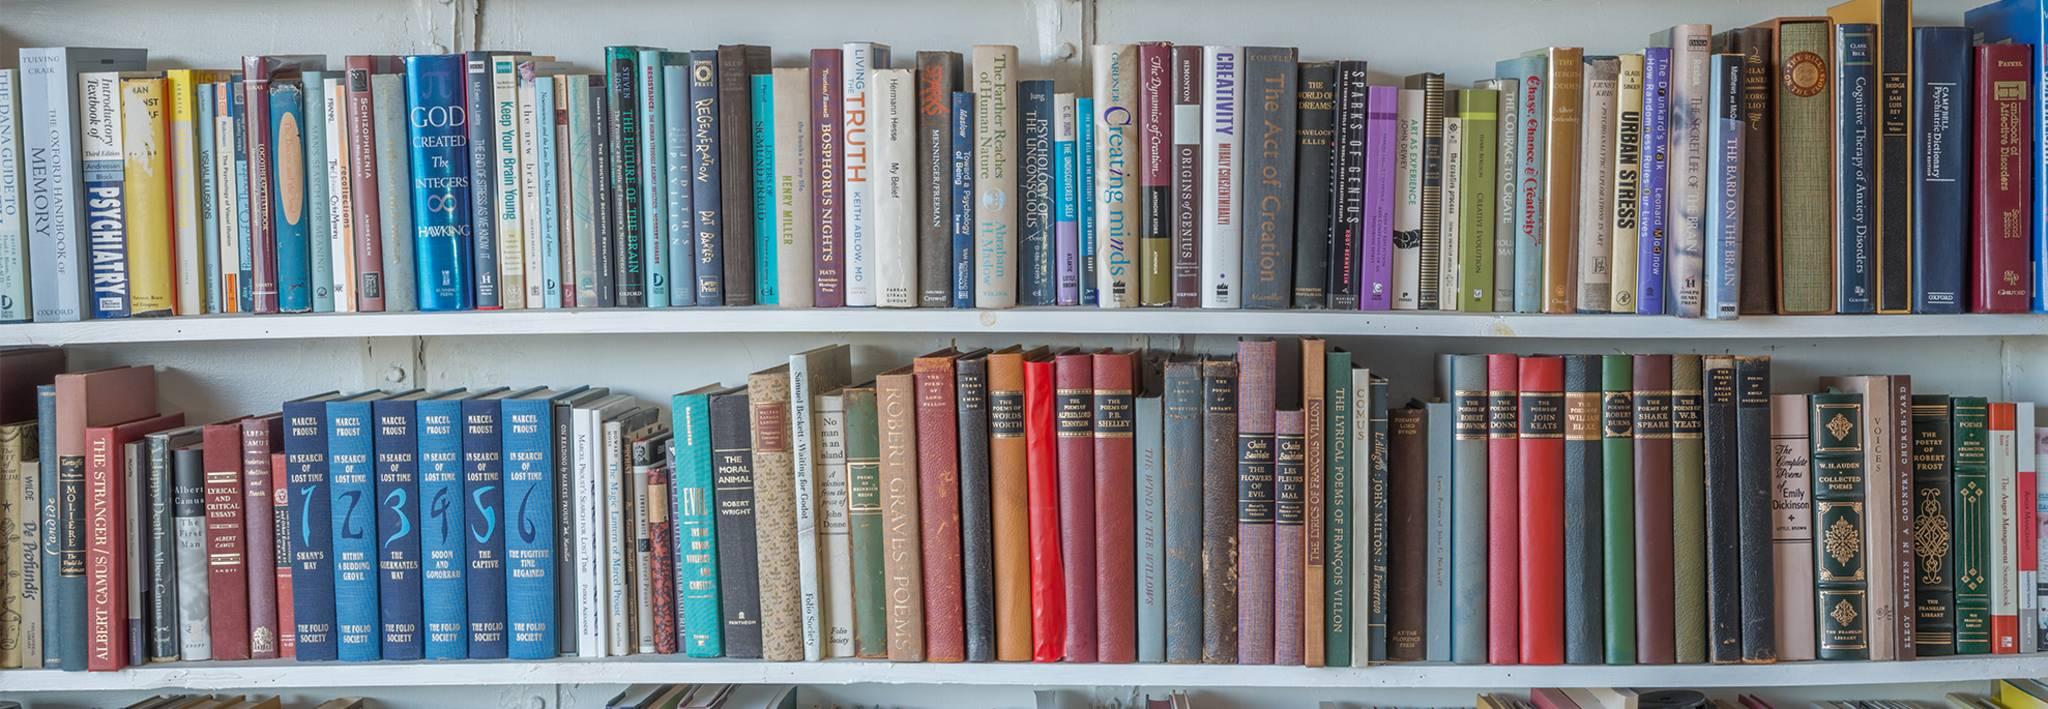 CCU's library book shelves.